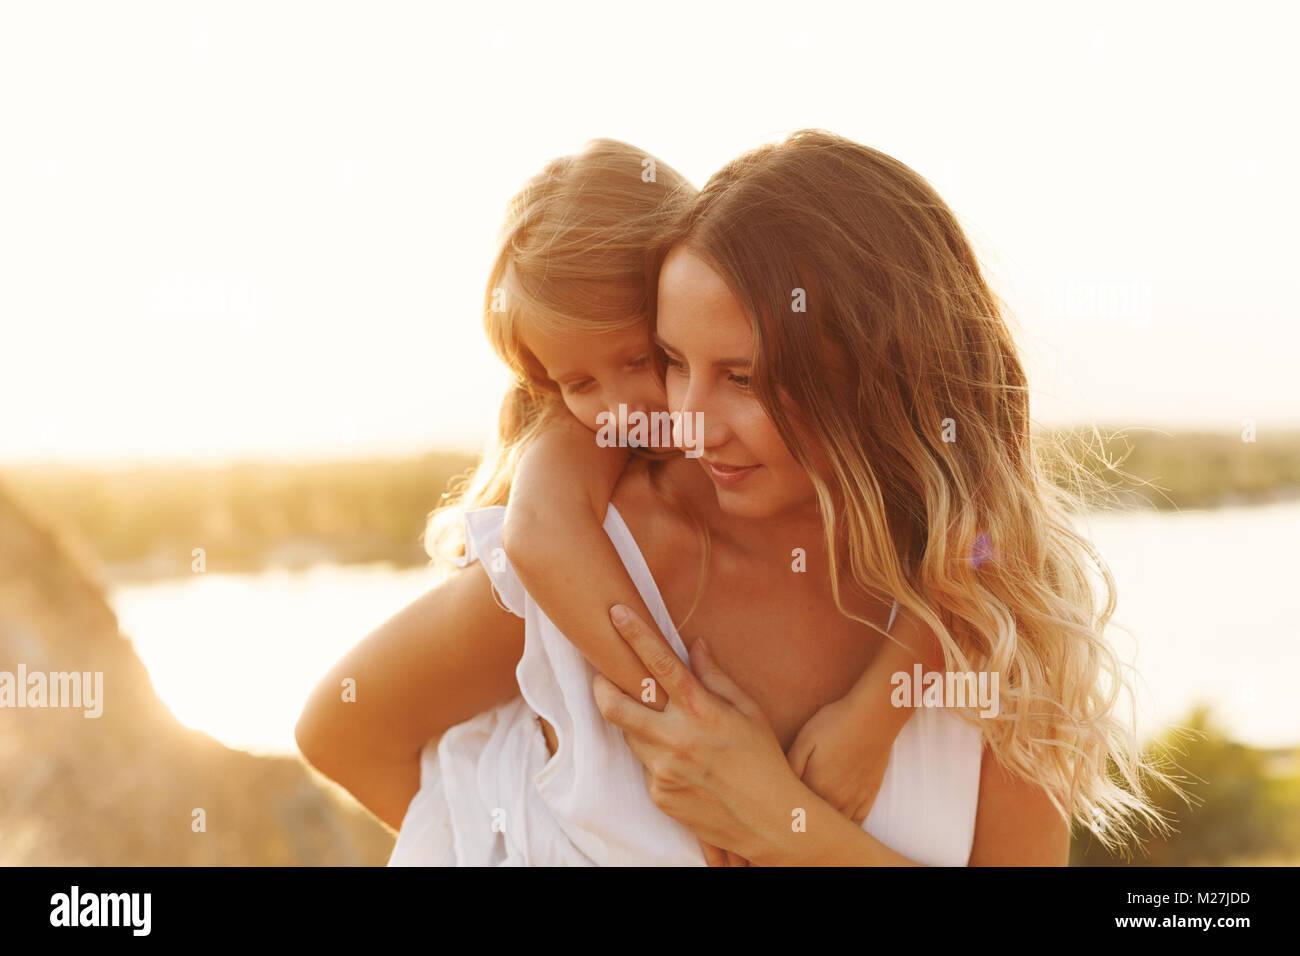 Famiglia, Madre e figlia sulla sponda del fiume. Una ragazza porta sua figlia sulle sue spalle piggyback. Le ragazze Immagini Stock